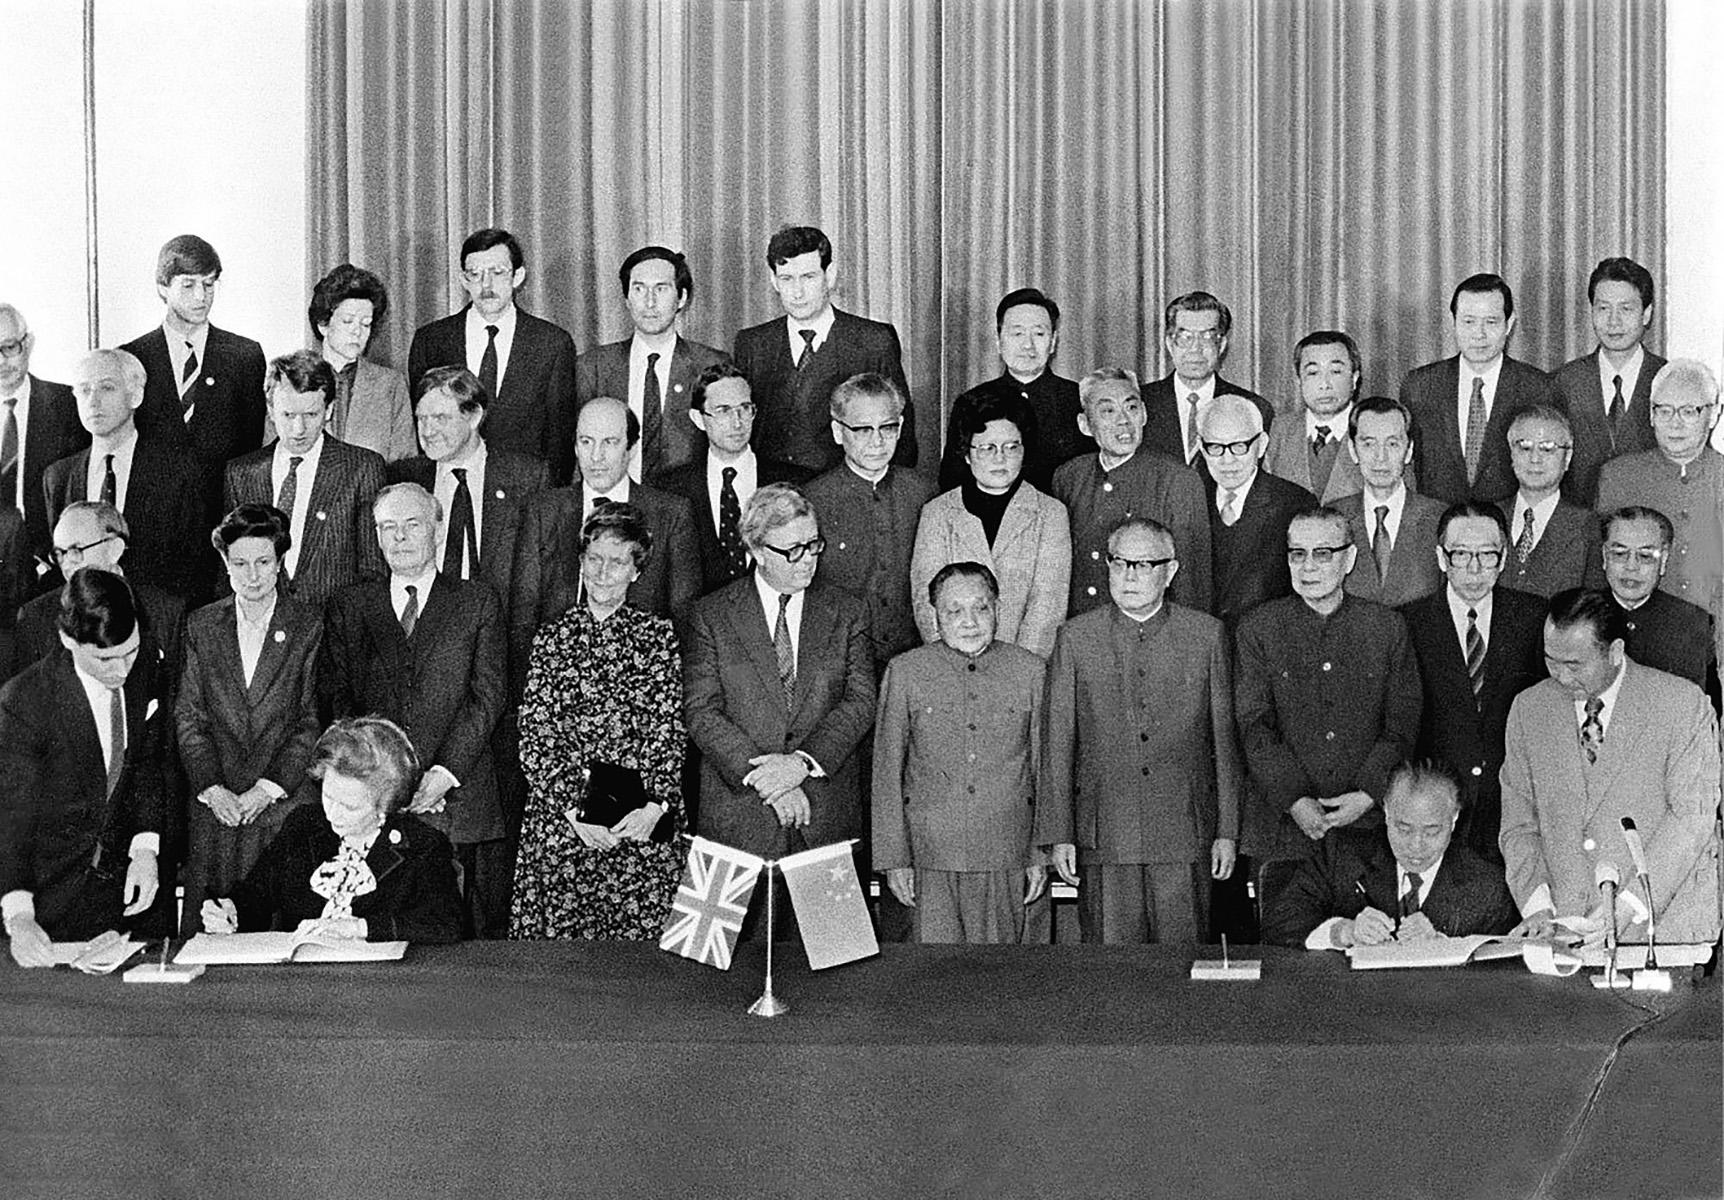 1984年12月19日下午,邓小平与英国首相撒切尔夫人在北京人民大会堂出席《中英联合声明》签字仪式,共同声明:1997年7月1日,香港政权交接。